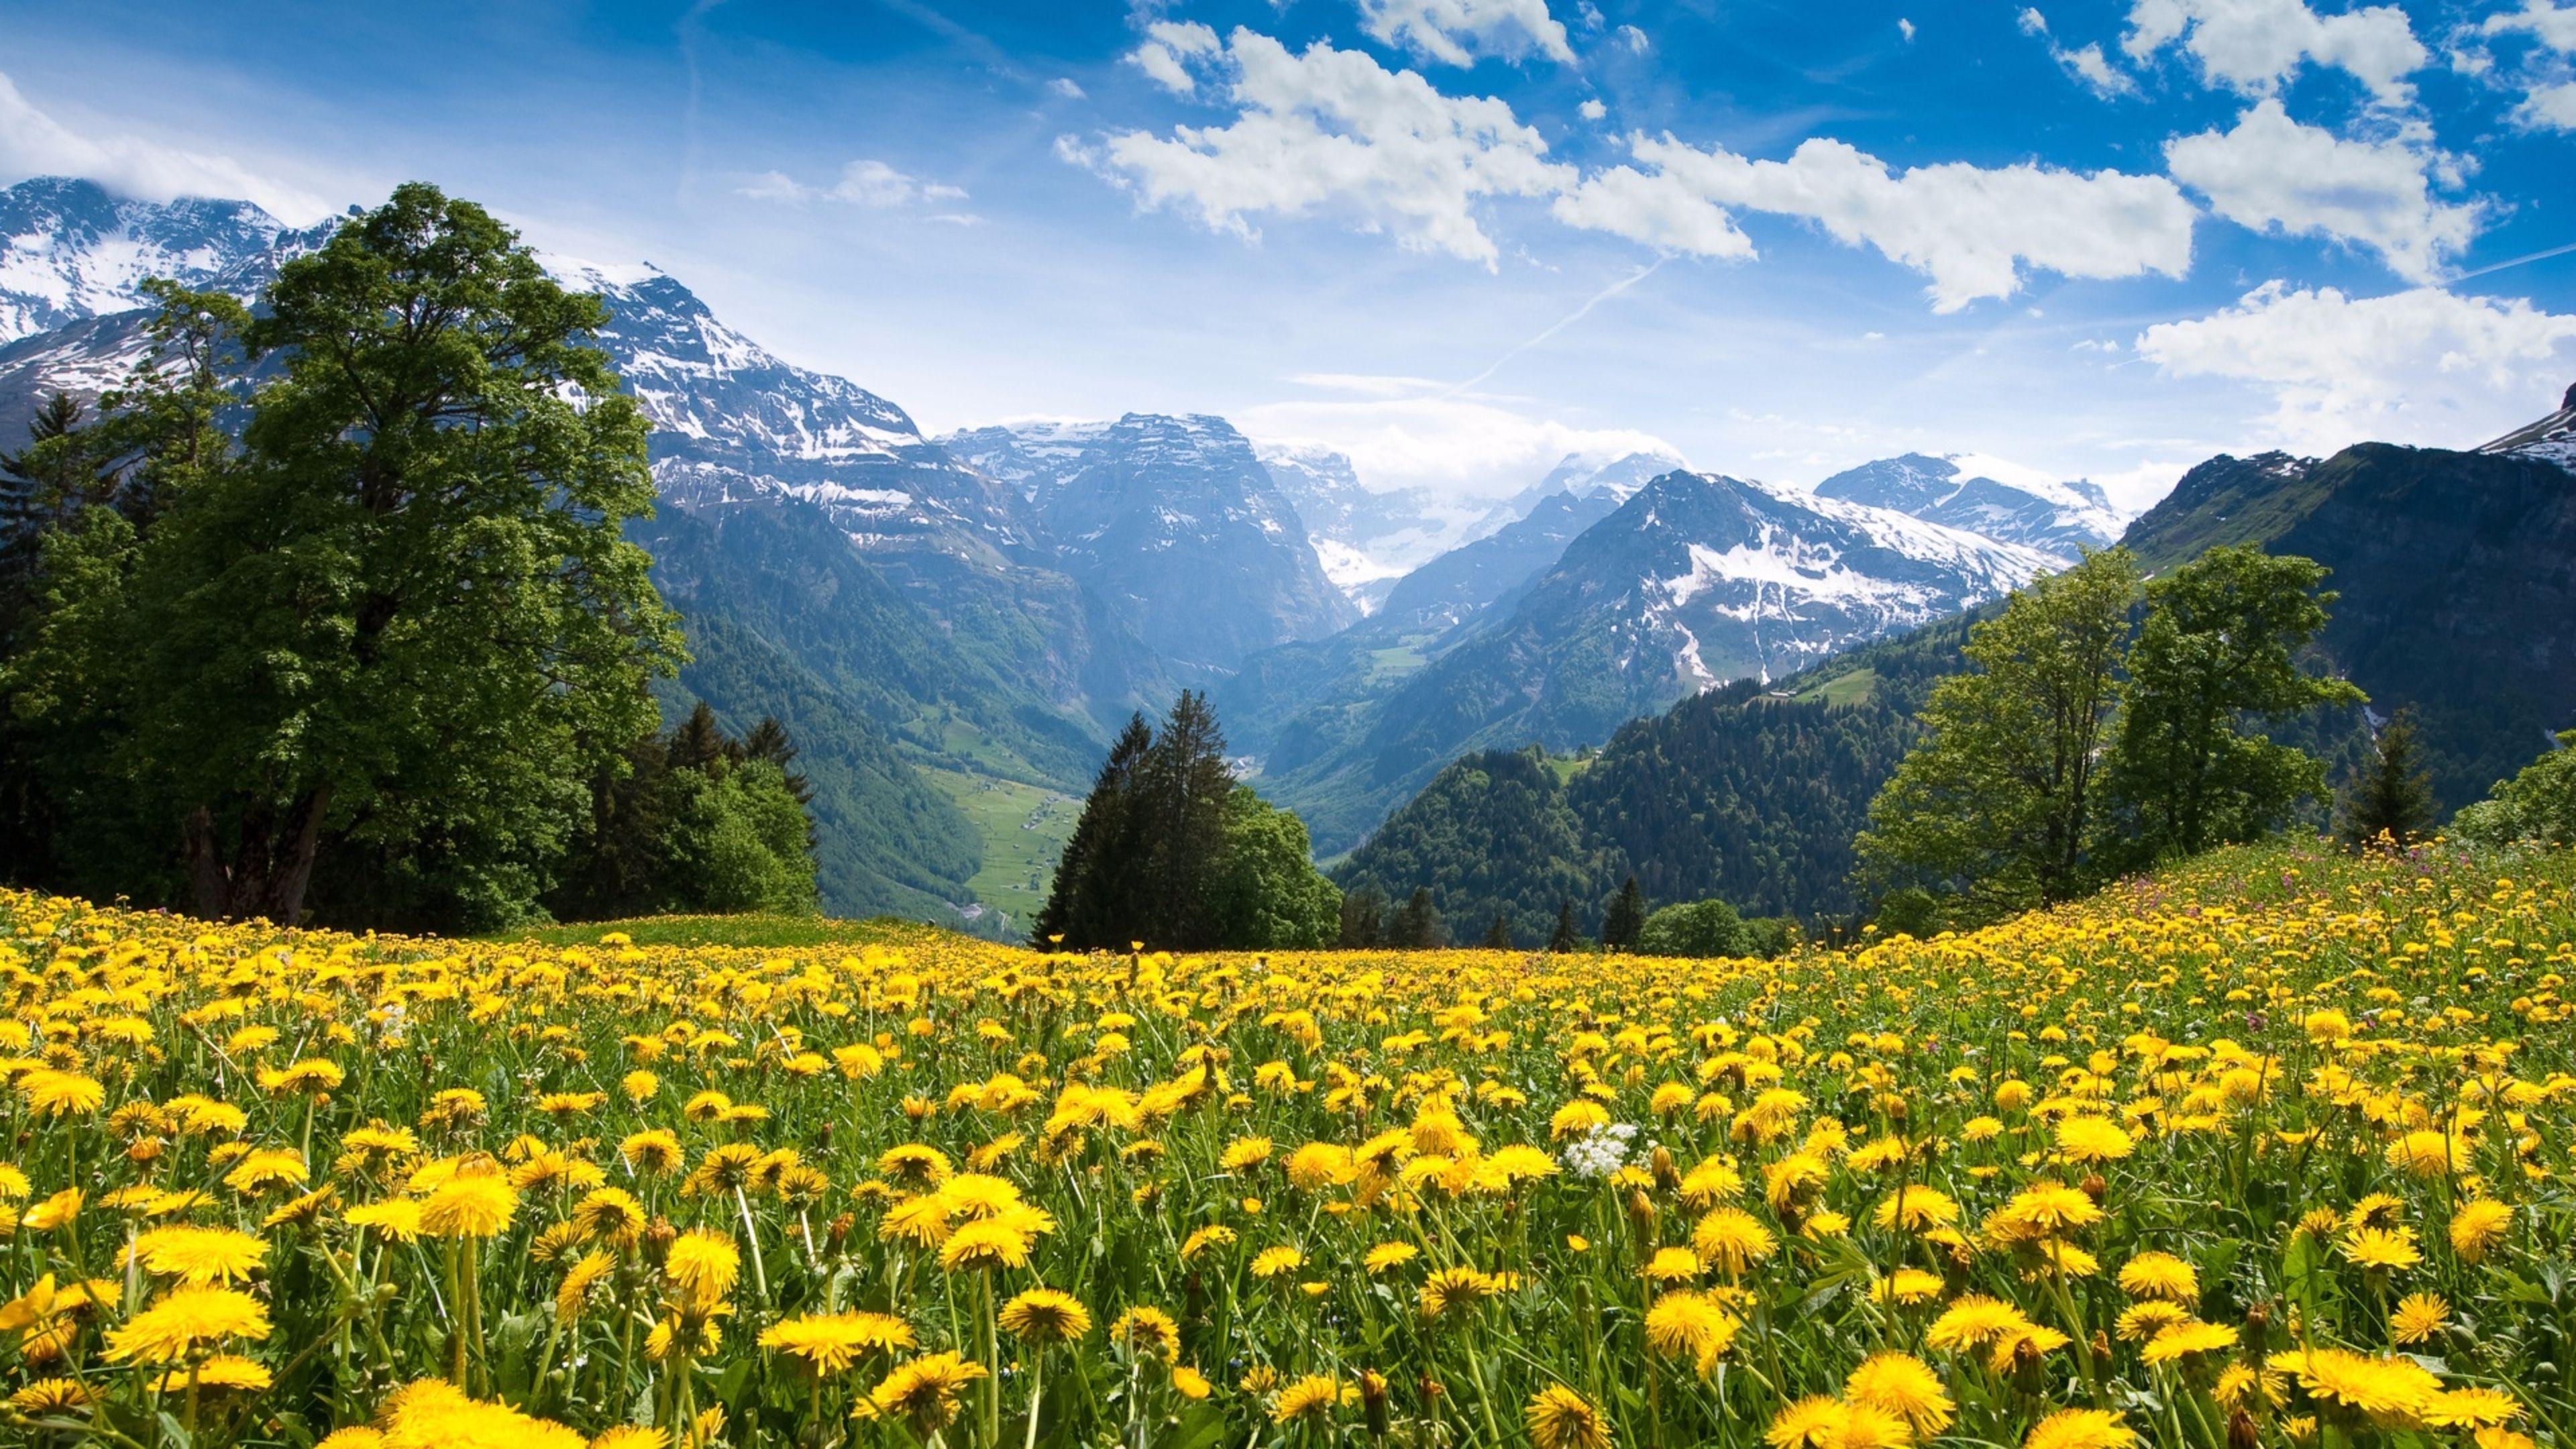 Hình nền mùa xuân trong lành đẹp nhất